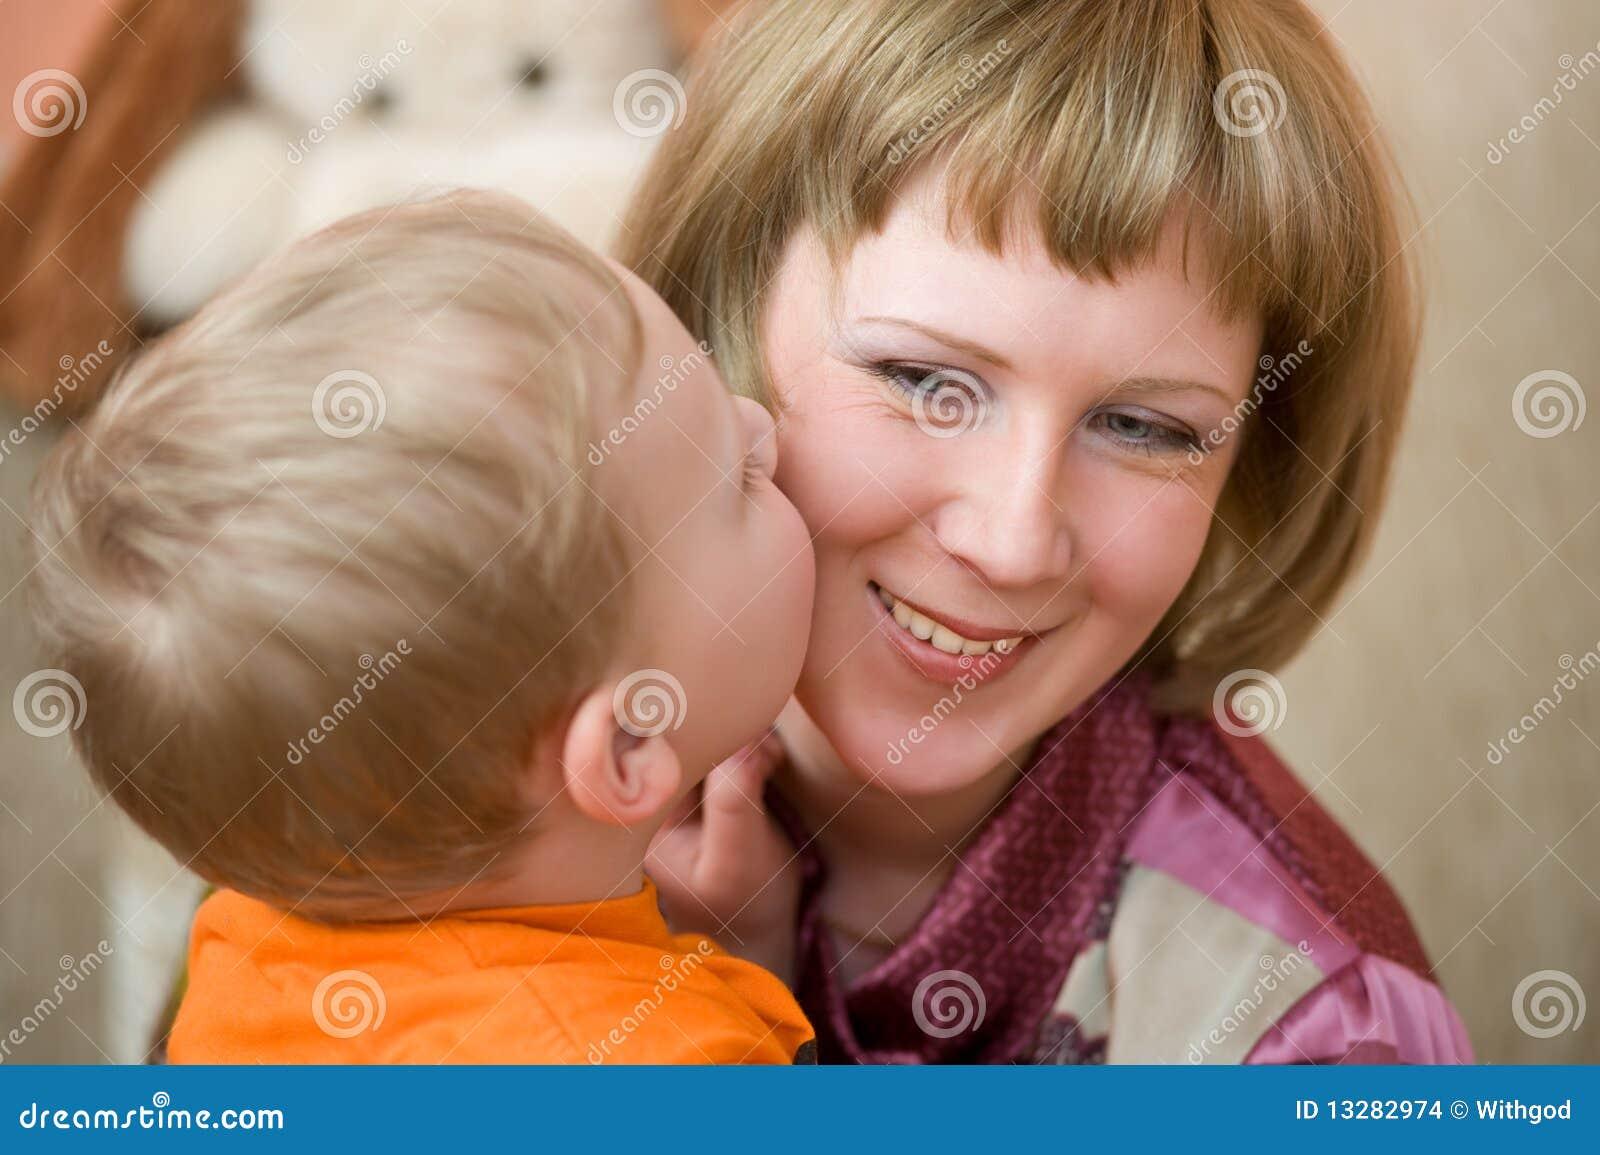 Сын трахает родную мать в жопу, Как сын трахает маму уникальное видео в качестве HD 21 фотография